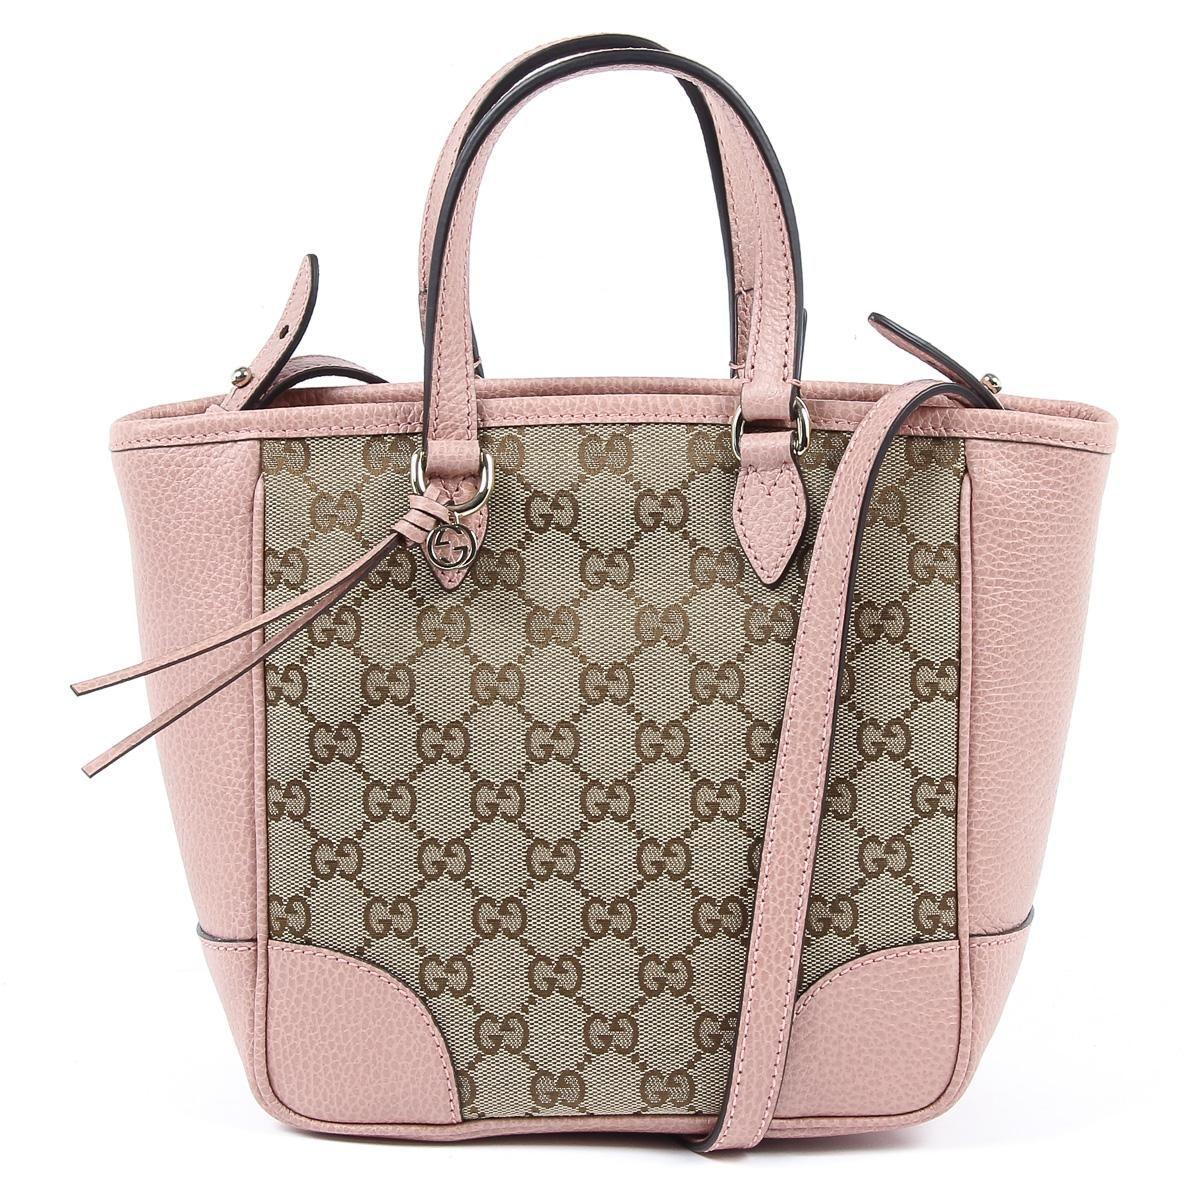 39c951c35e6 Gucci Womens Handbag GG Guccissima Pink 449241 8609